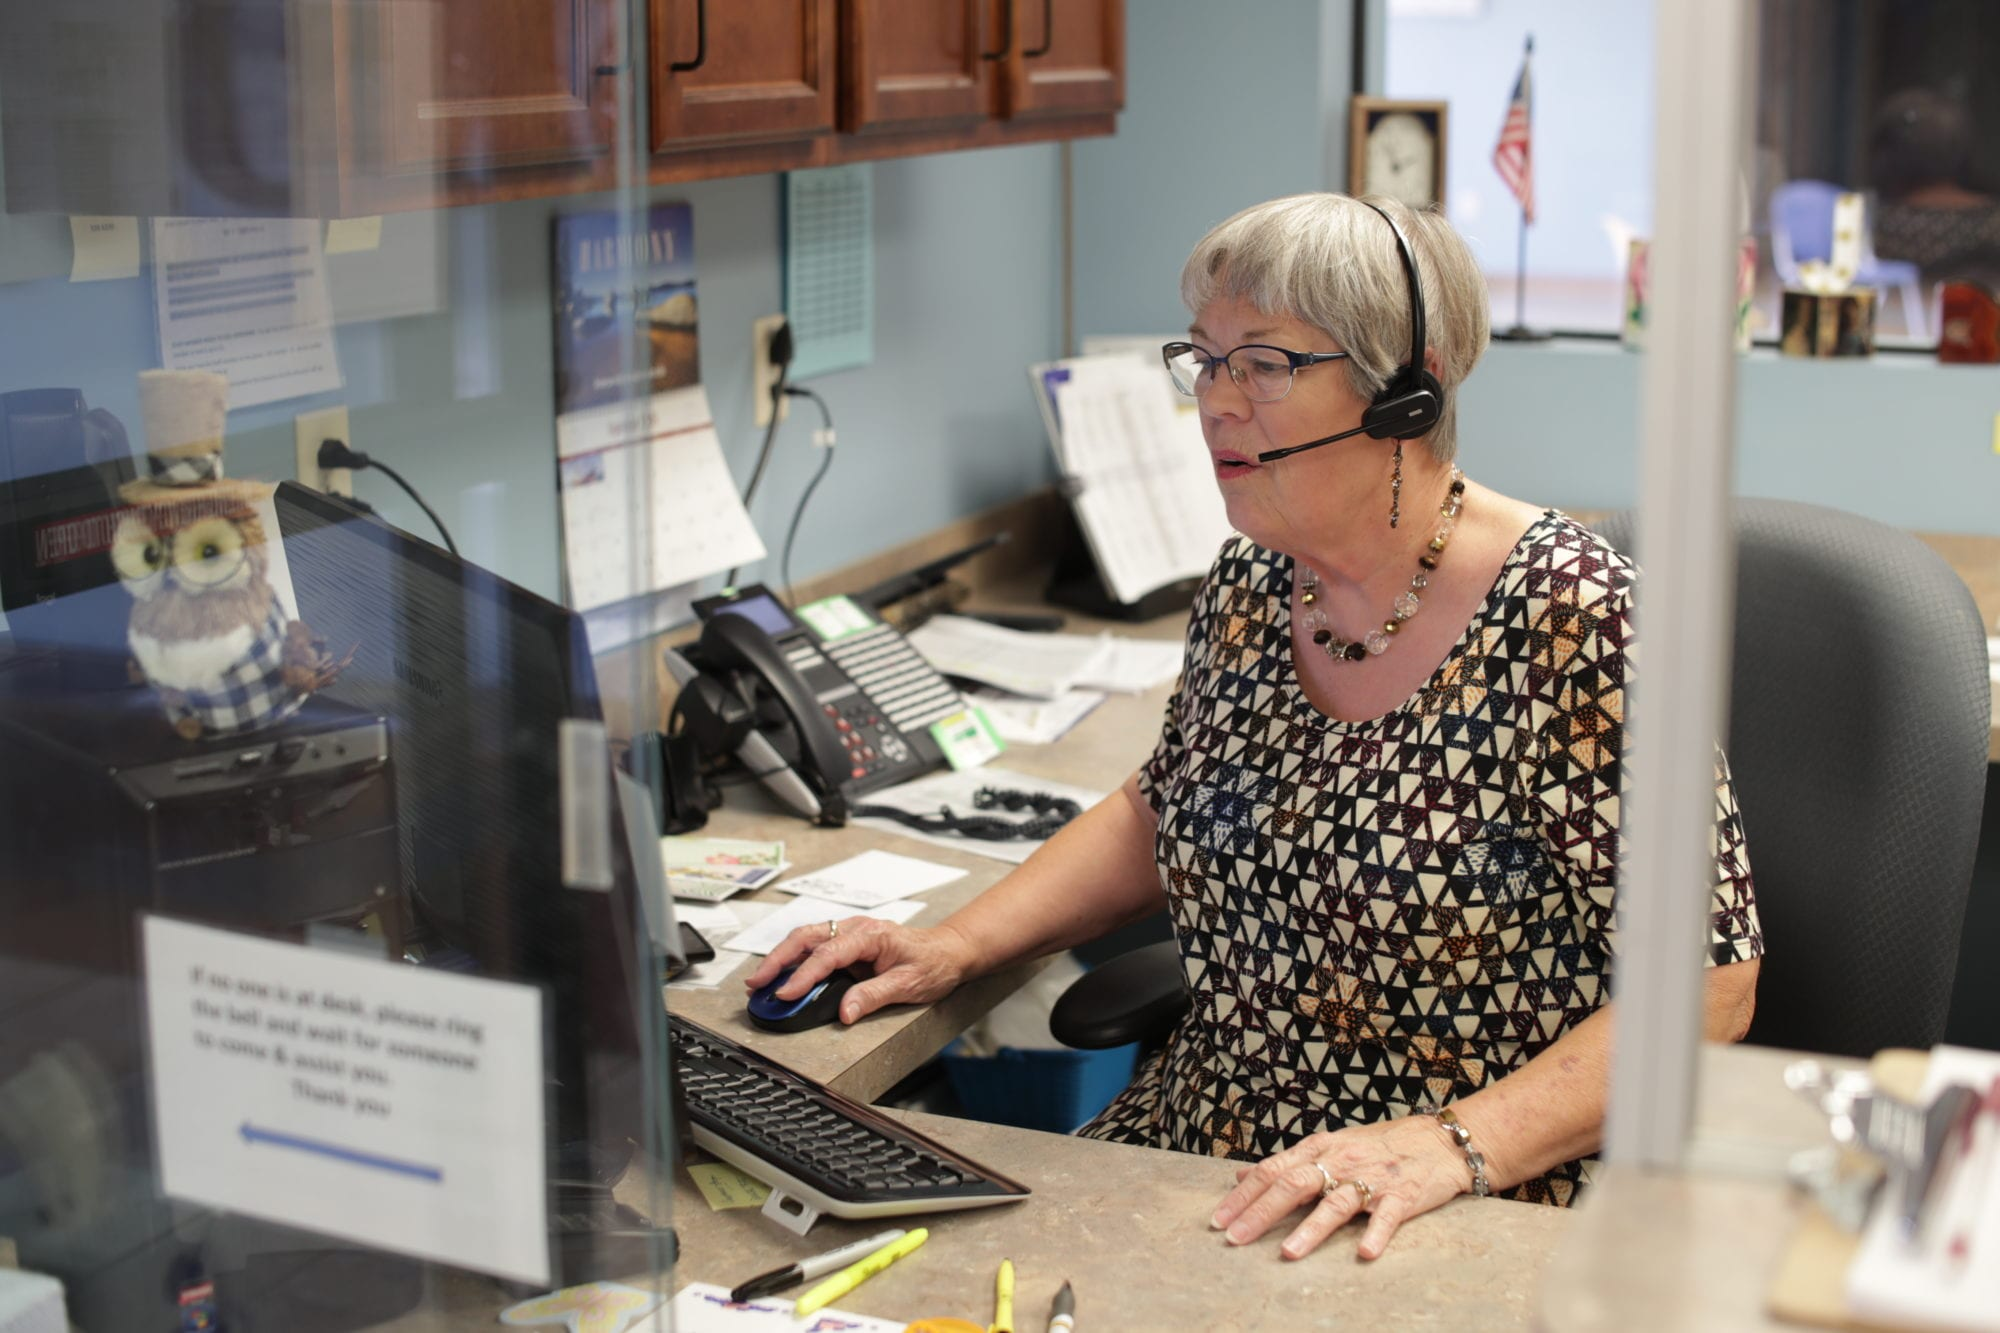 Administrative Assistant Janet at SADI in Missouri